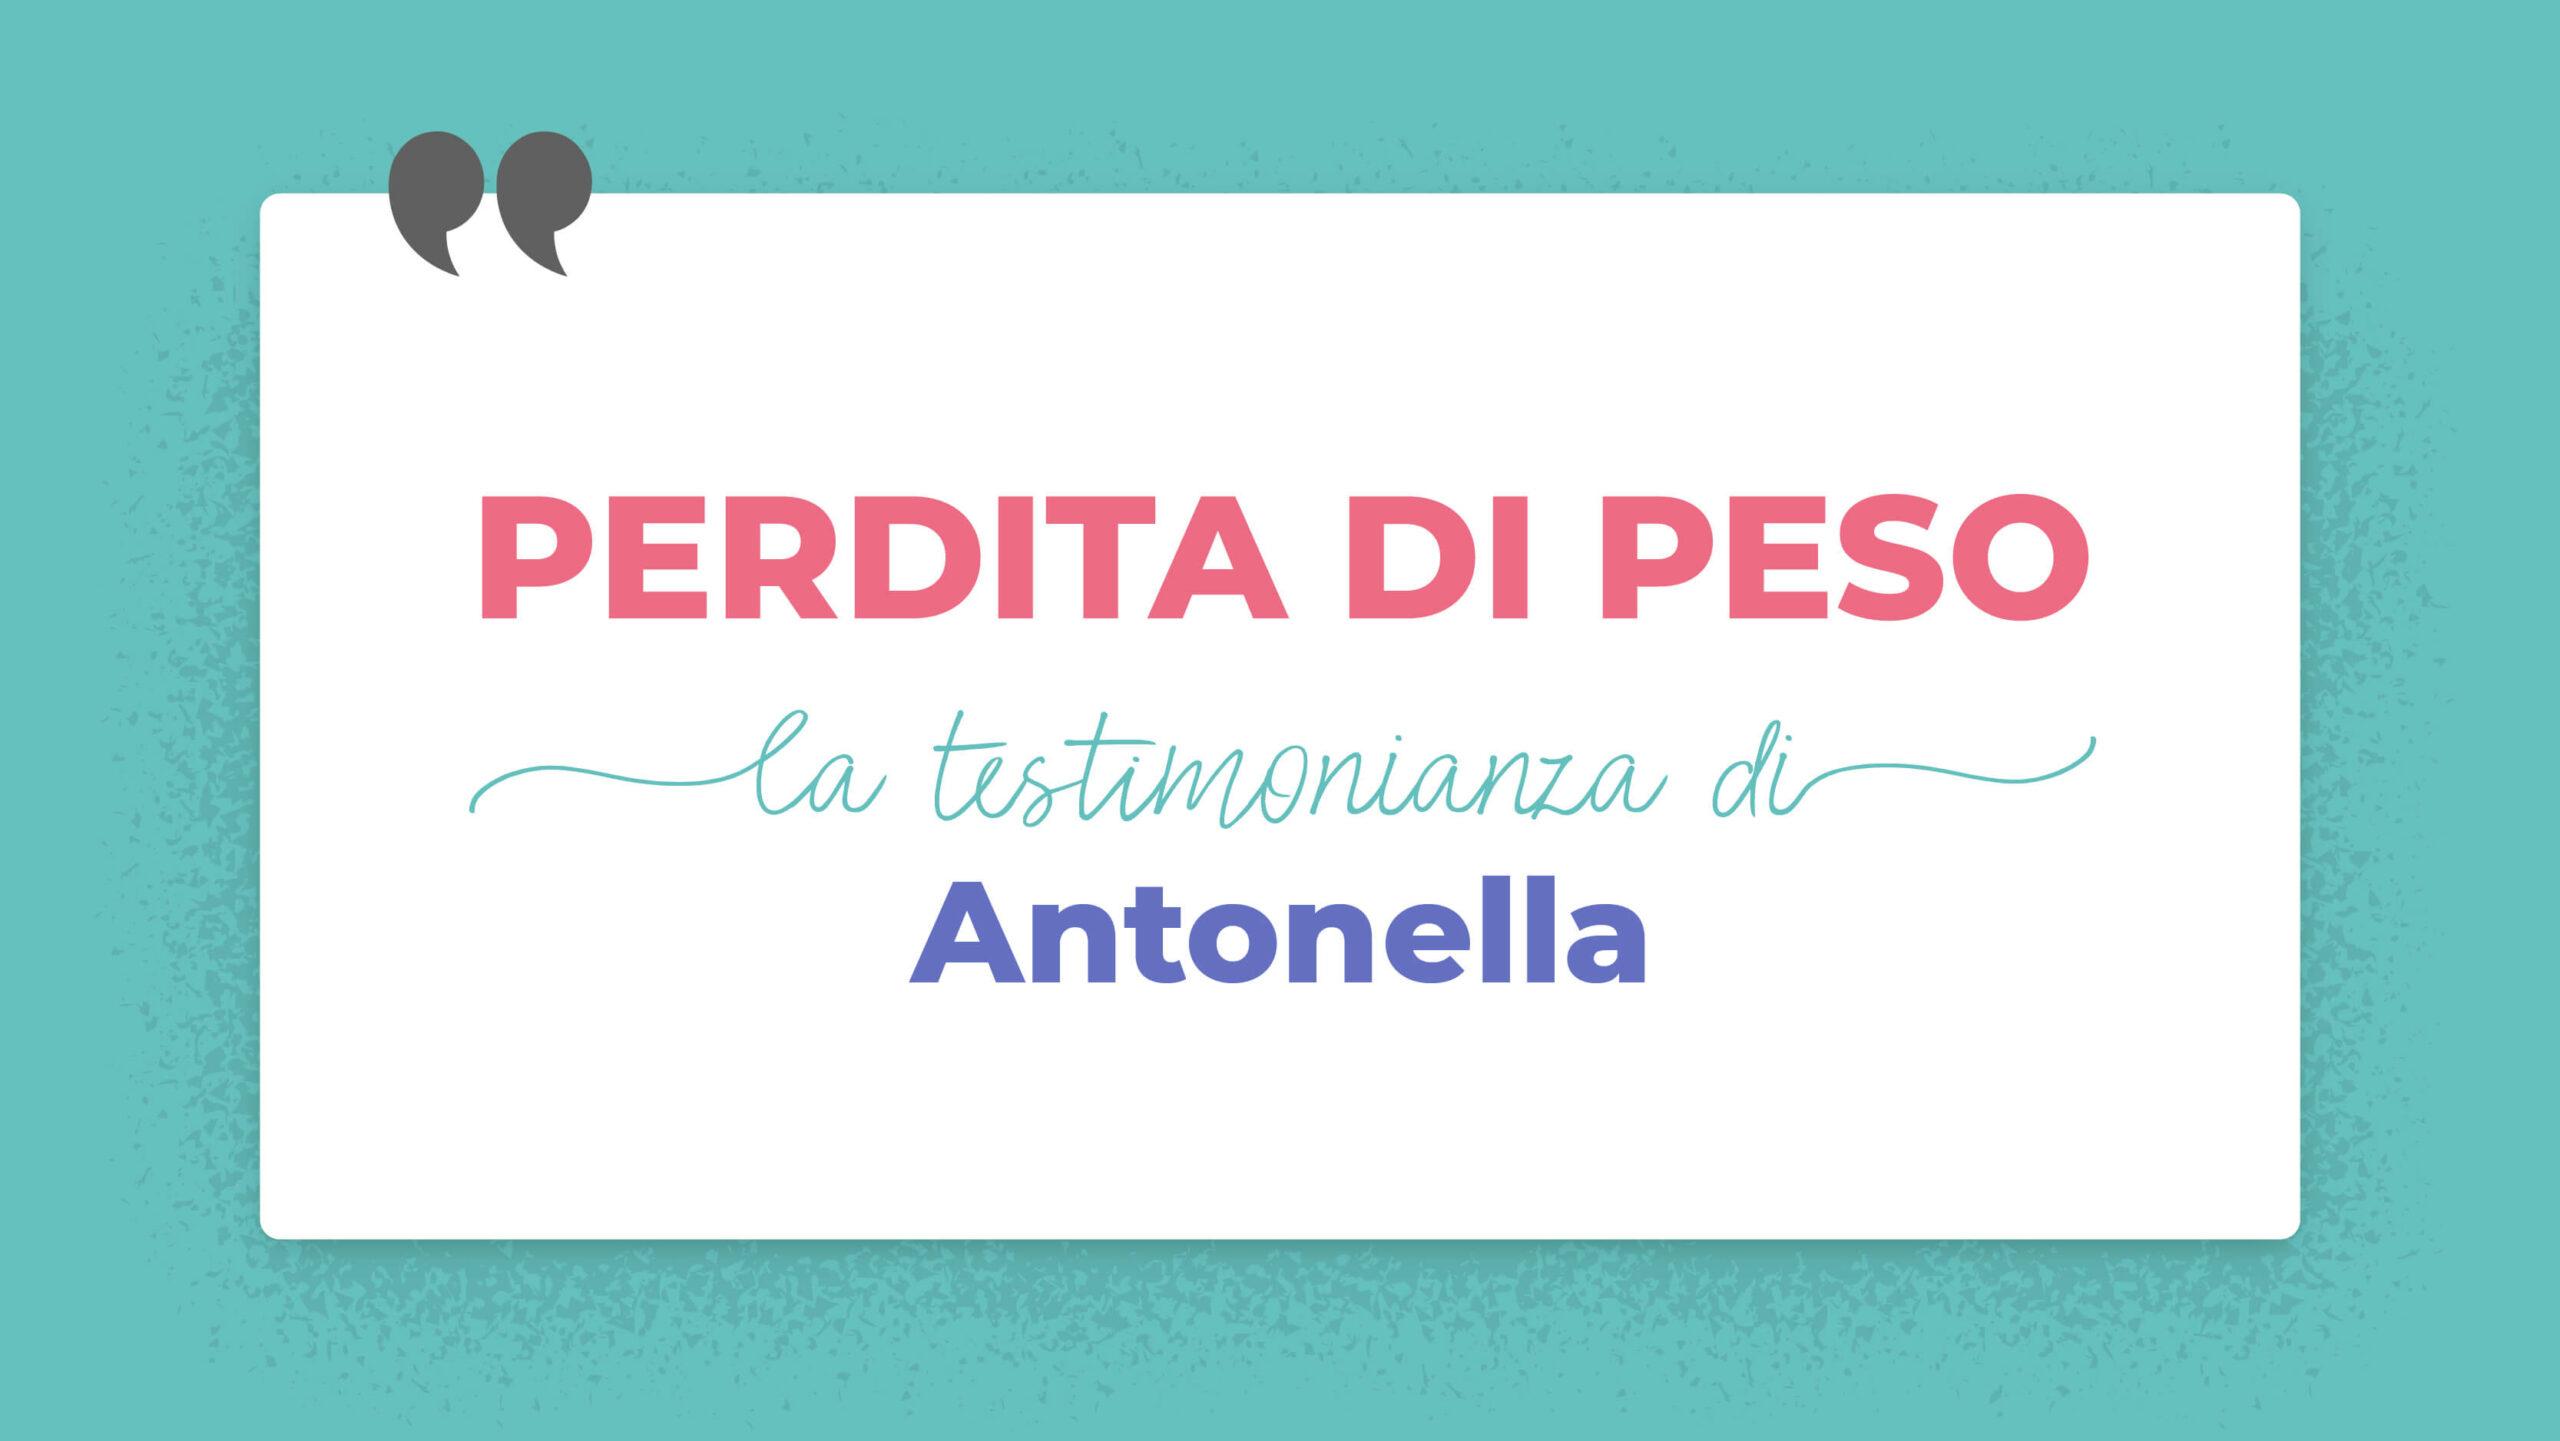 PerditaPeso-Antonella nutrizionista specializzato in morbo di crohn